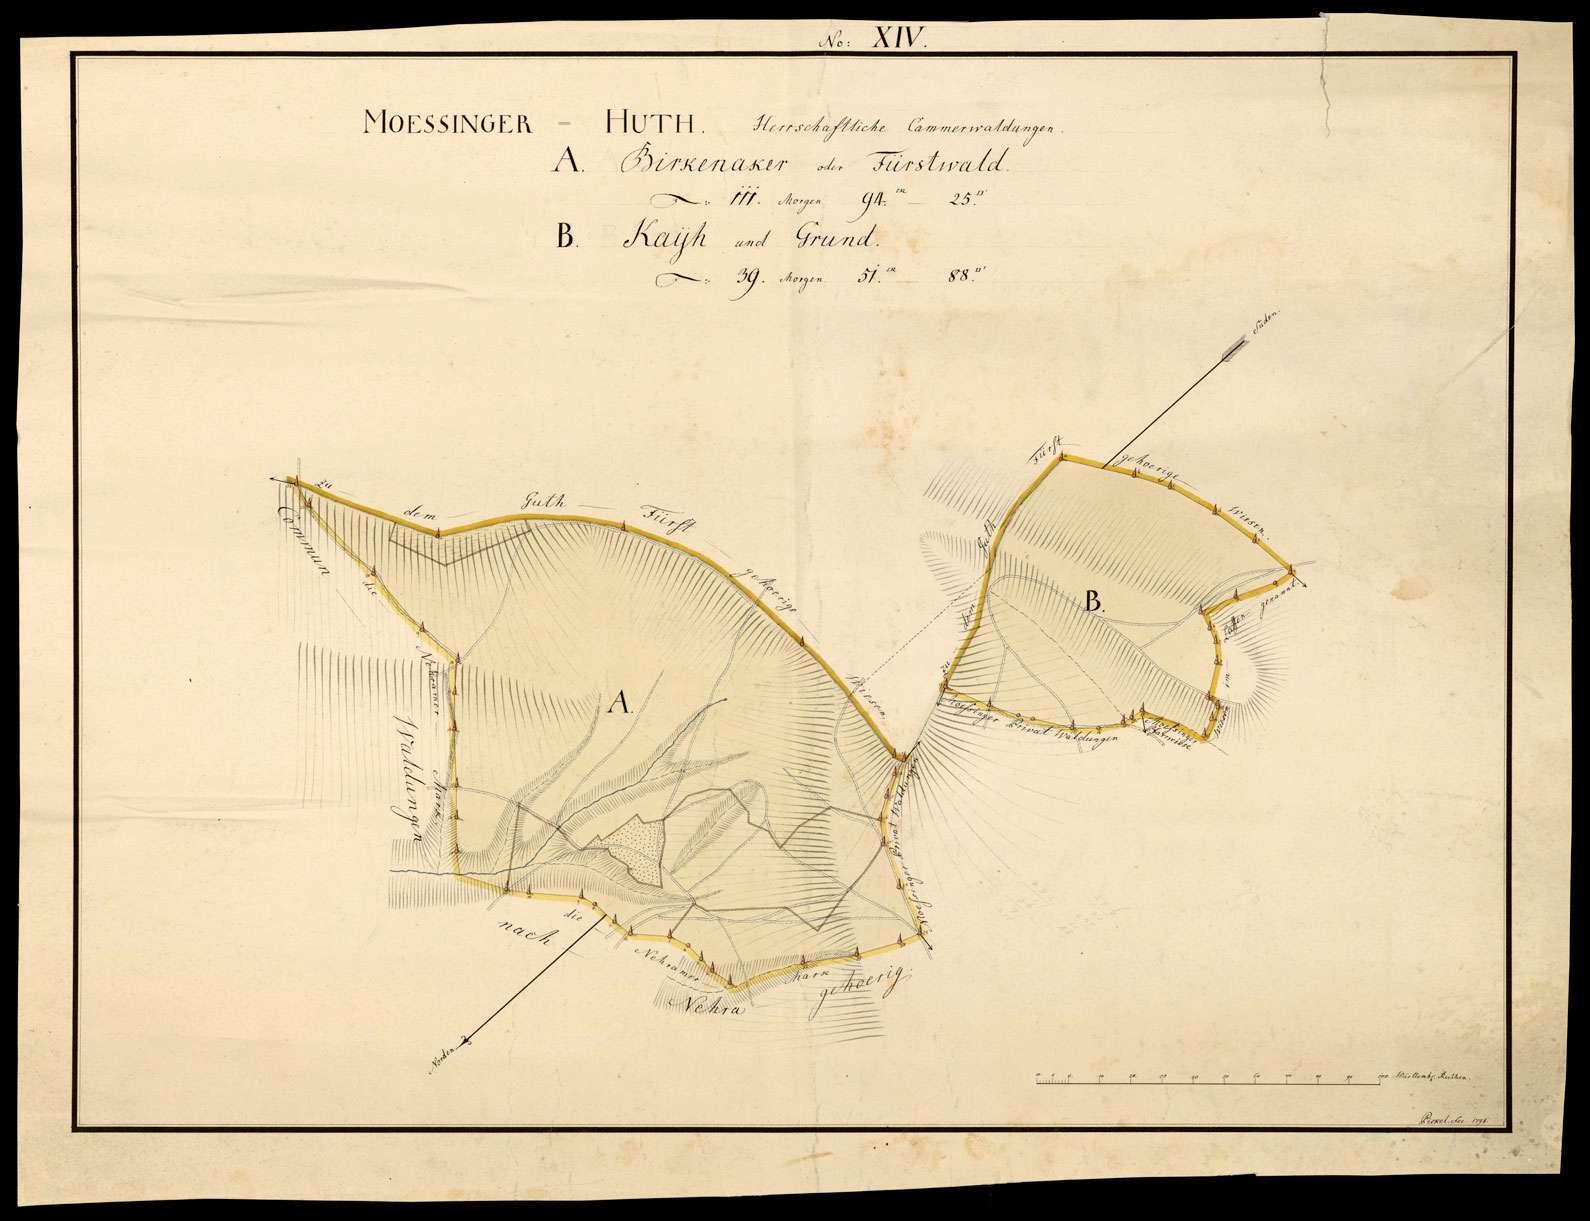 """""""Mössinger Hut: herrschaftliche Kammerwaldungen"""" [No: XIV A. Birkenacker oder Fürstwald und B. Kayh und Grund], Bild 1"""